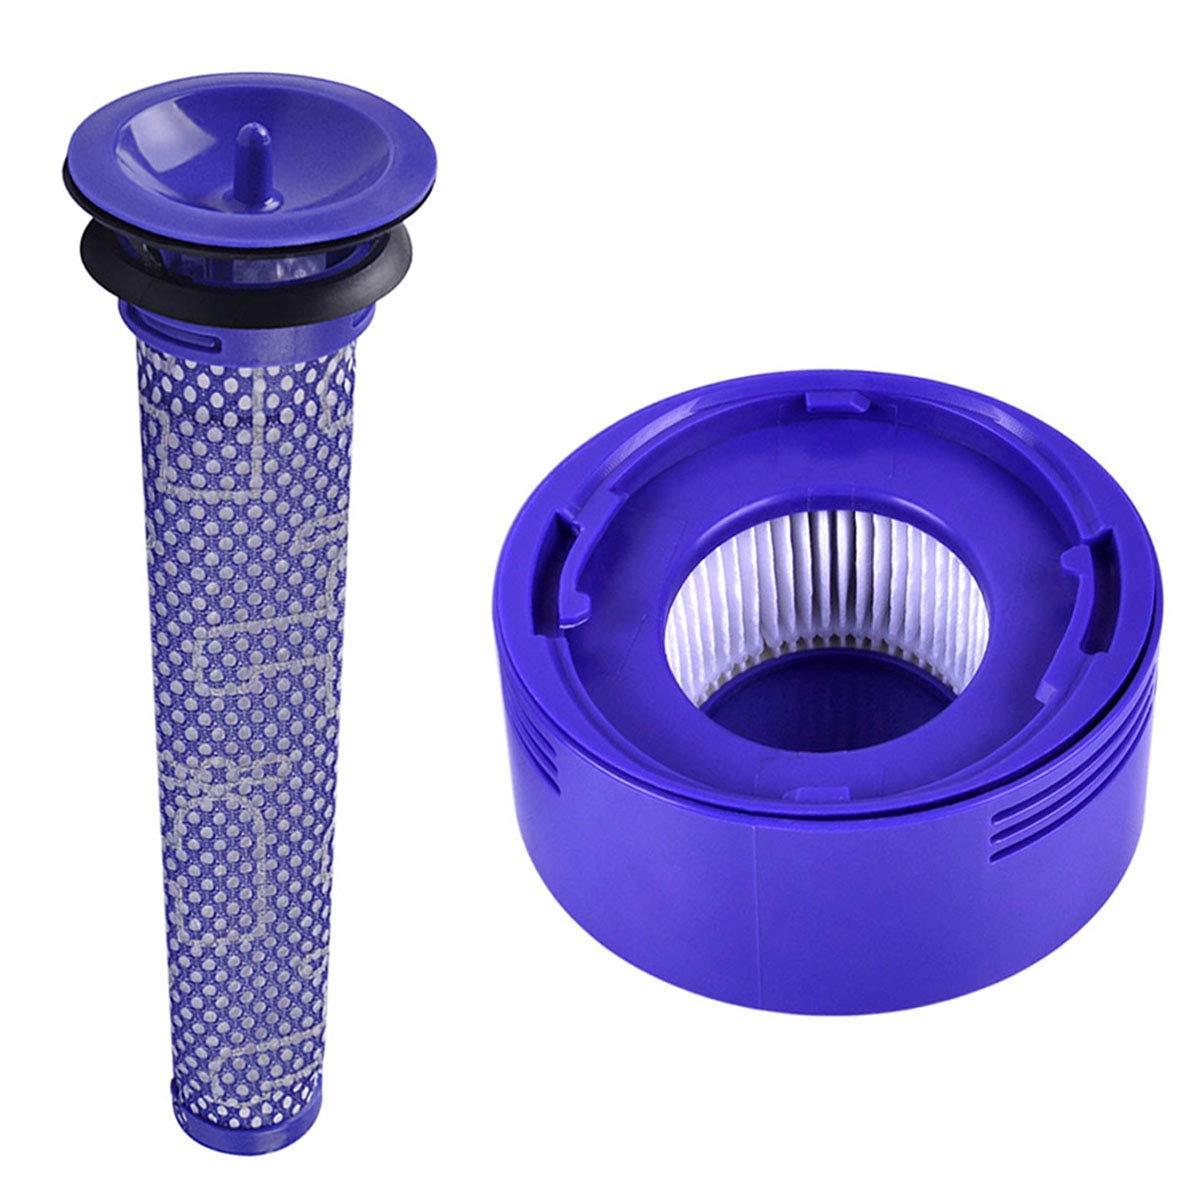 Фильтр для dyson беспроводной пылесос ремонт пылесоса дайсон в тольятти